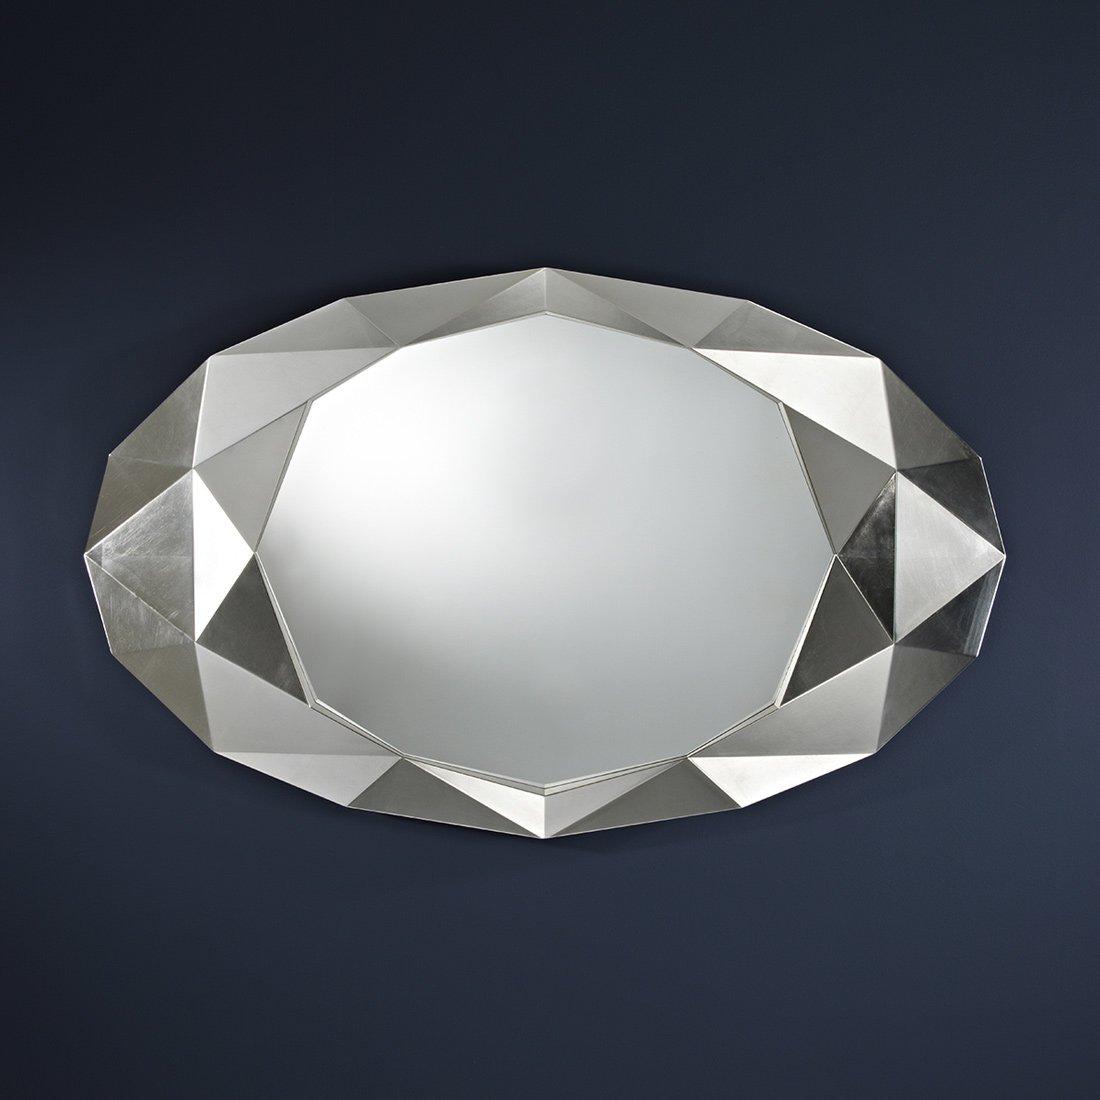 miroir joyau argent meubles et atmosph re. Black Bedroom Furniture Sets. Home Design Ideas